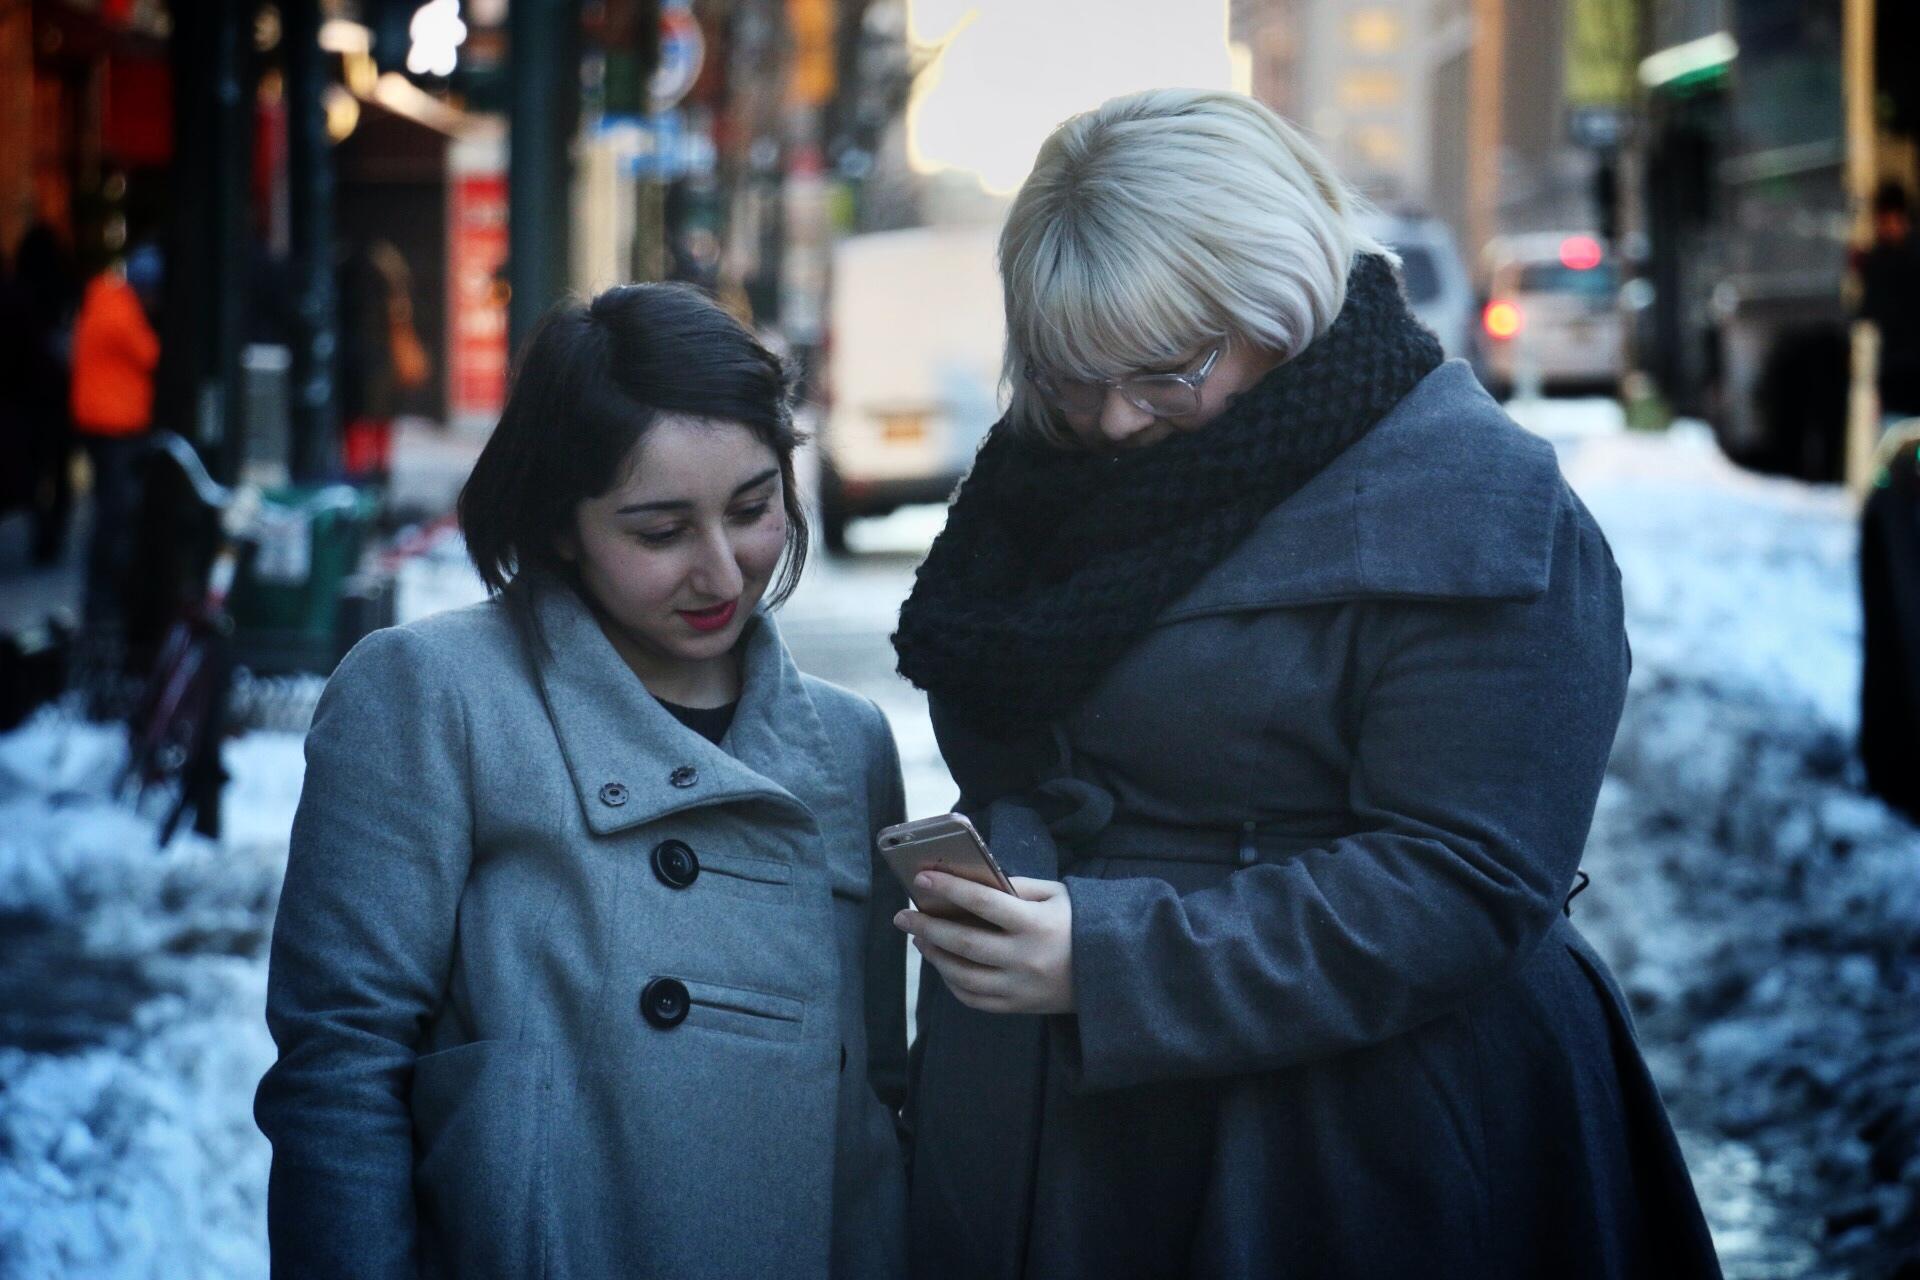 Femsplain senior editor Gabriela Barkho with founder Amber Gordon. (Photo: Jack Smith IV/New York Observer)